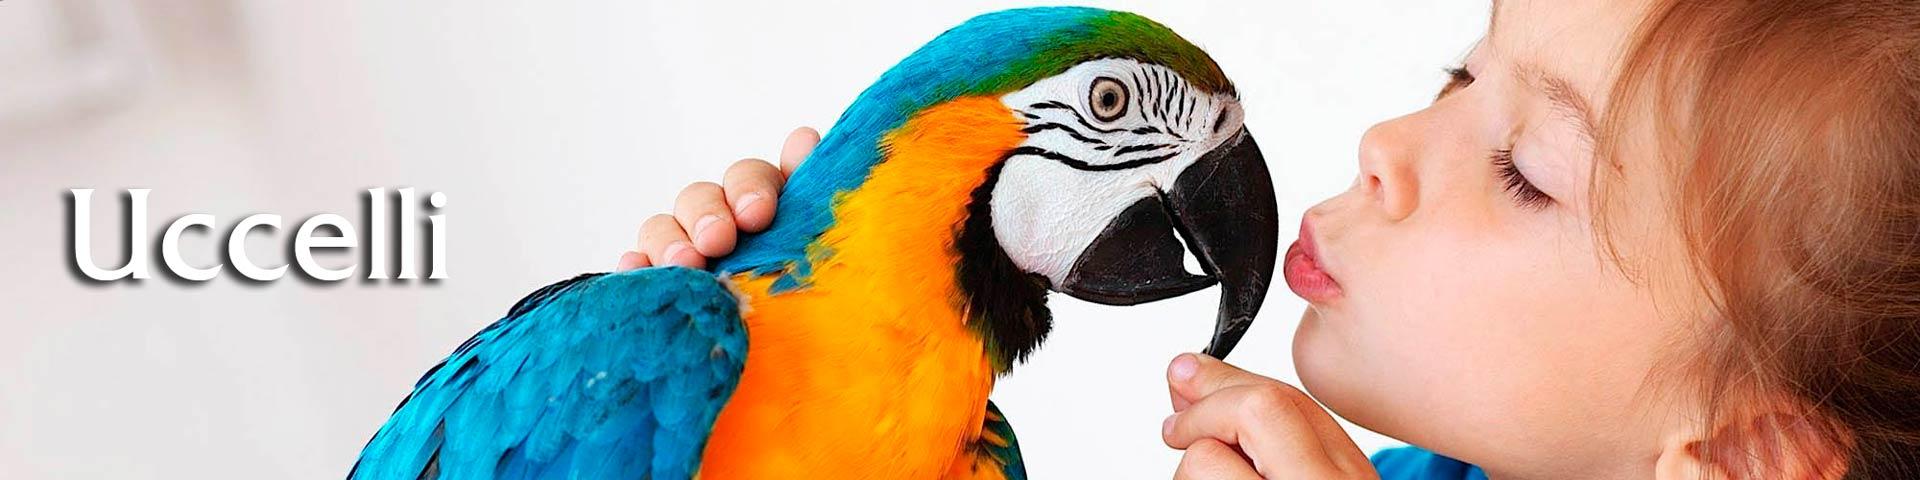 vendita online mangimi per uccelli